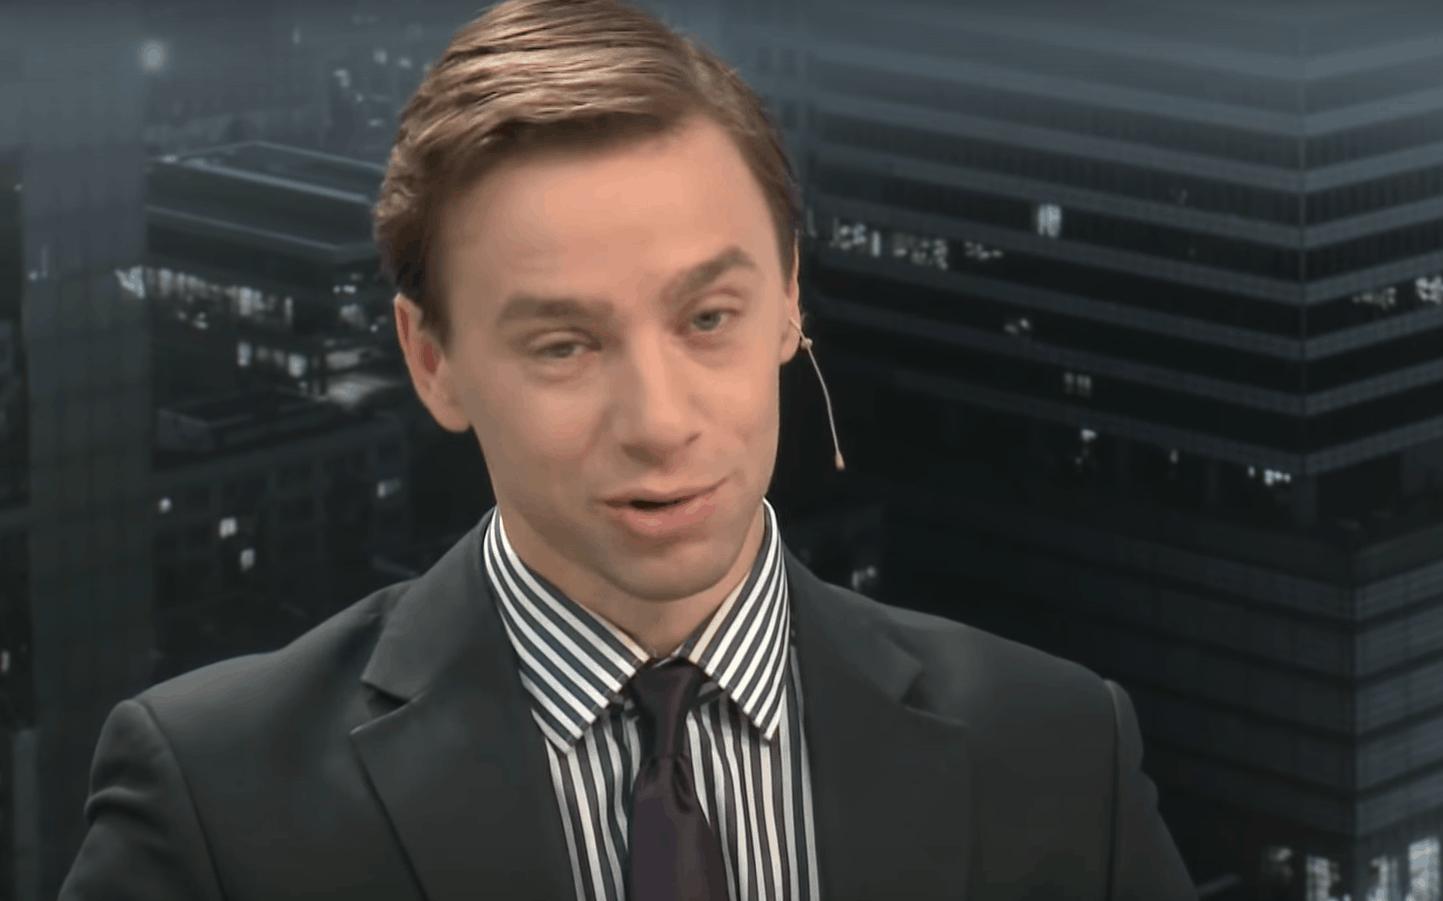 Ostre wystąpienie Bosaka w Sejmie: Krzysztof Bosak, kandydat Konfederacji dosadnie skomentował porozumienie Kaczyńskiego i Gowina